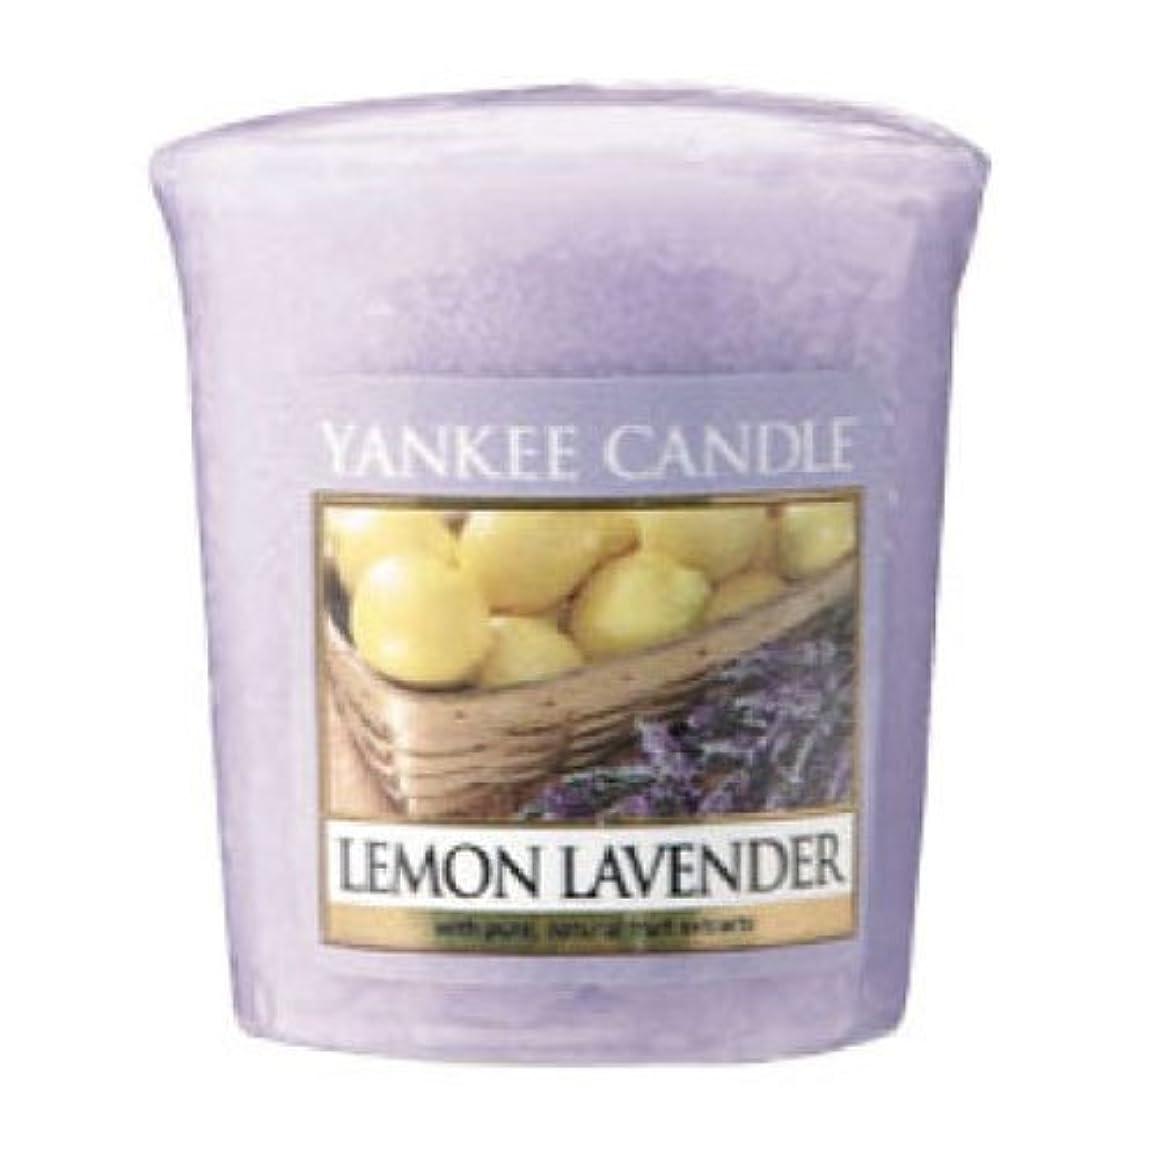 チーズ浴ただヤンキーキャンドル 正規品 YCサンプラー Lラベンダー (YK0010530 4901435928395)